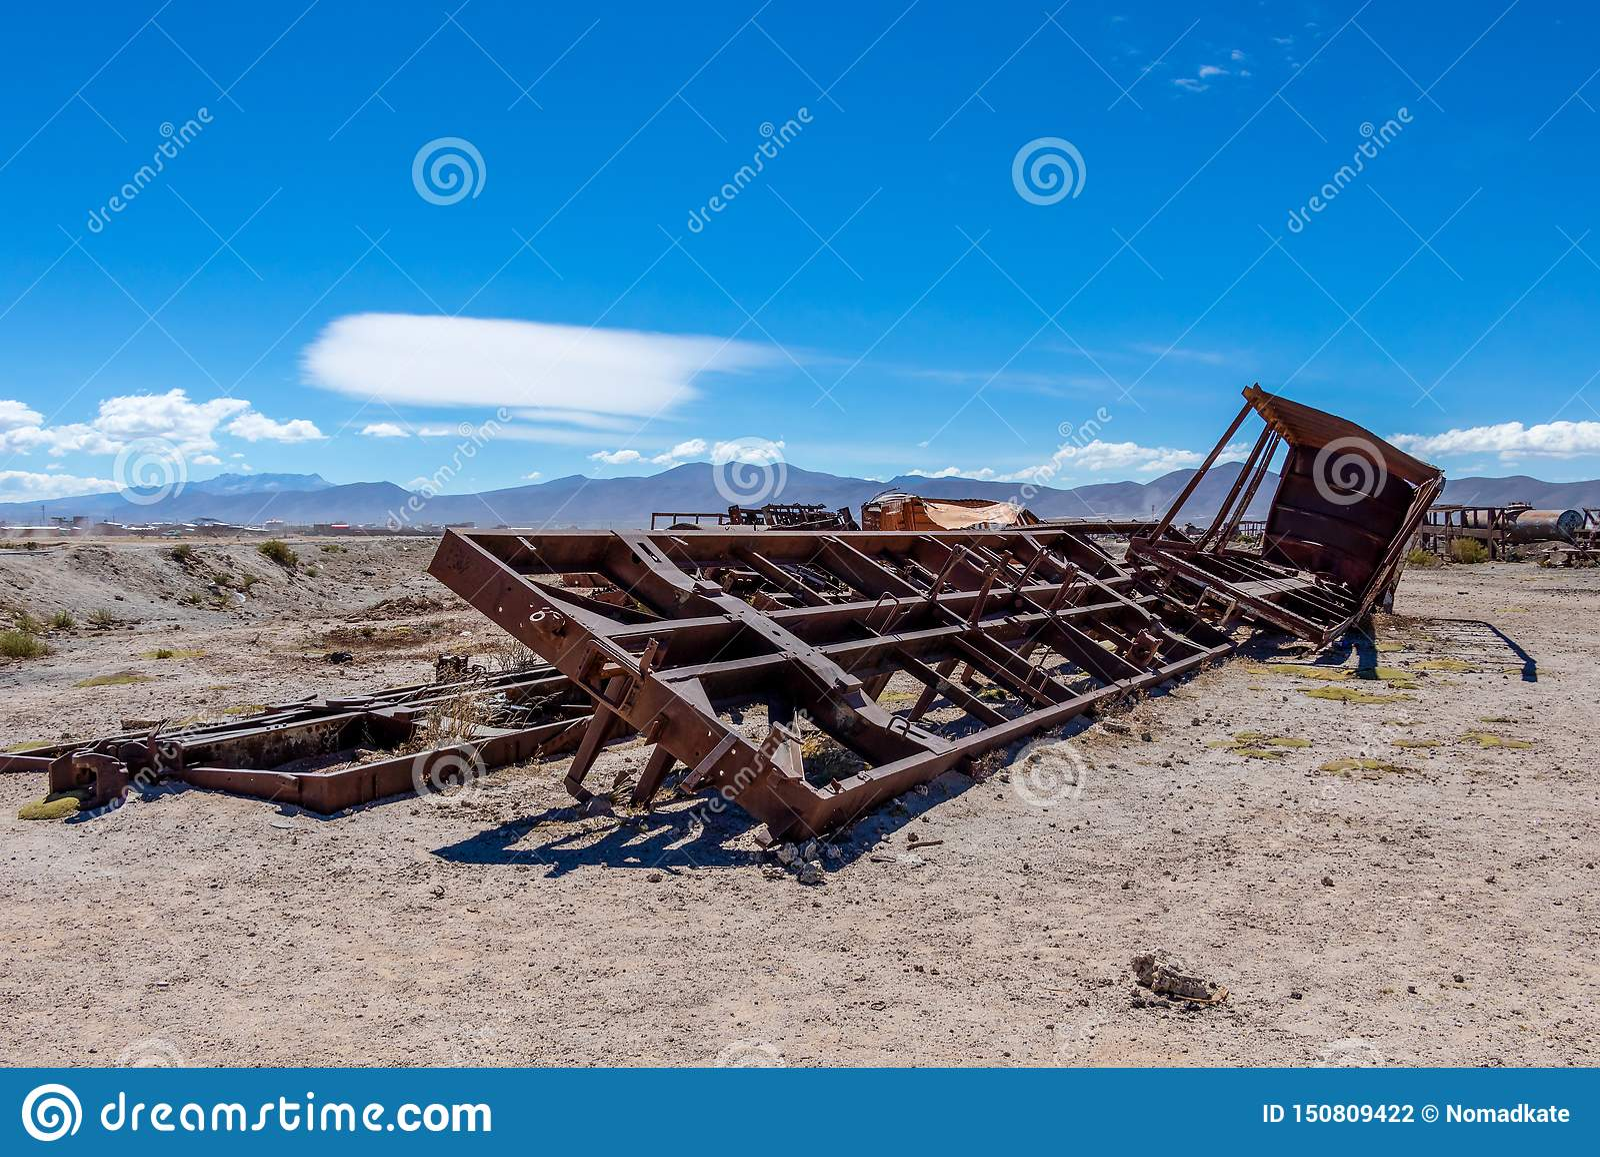 伟大的火车坟园或蒸汽机车公墓乌尤尼盐沼的,玻利维亚